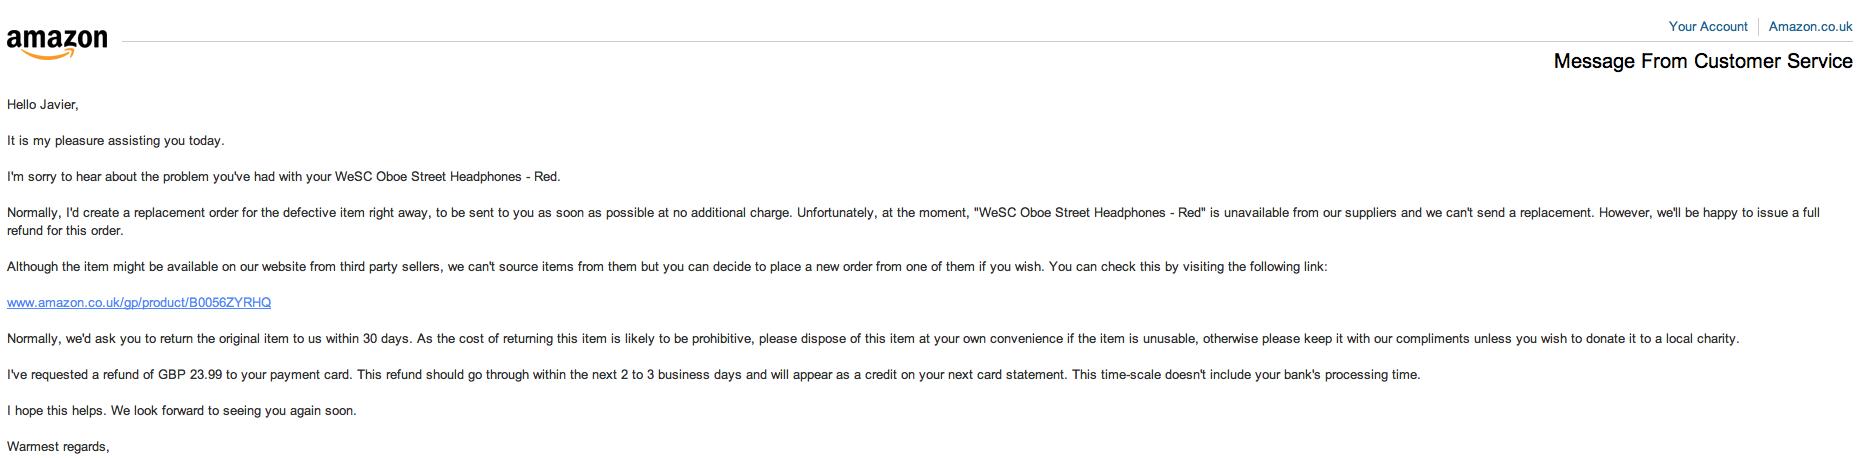 Respuesta de Amazon-caso WeSC